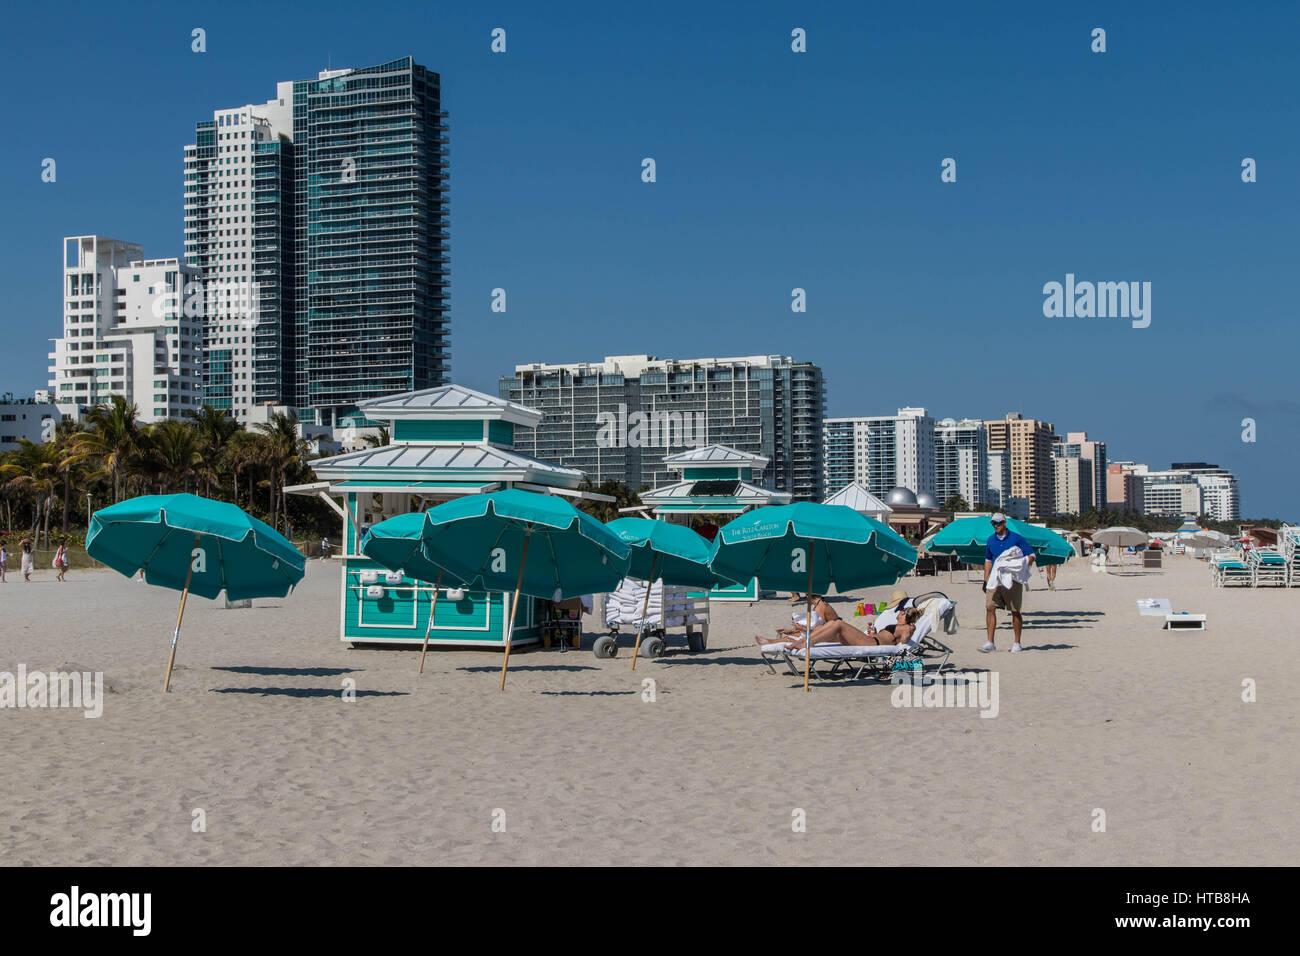 Miami, Florida - Stock Image